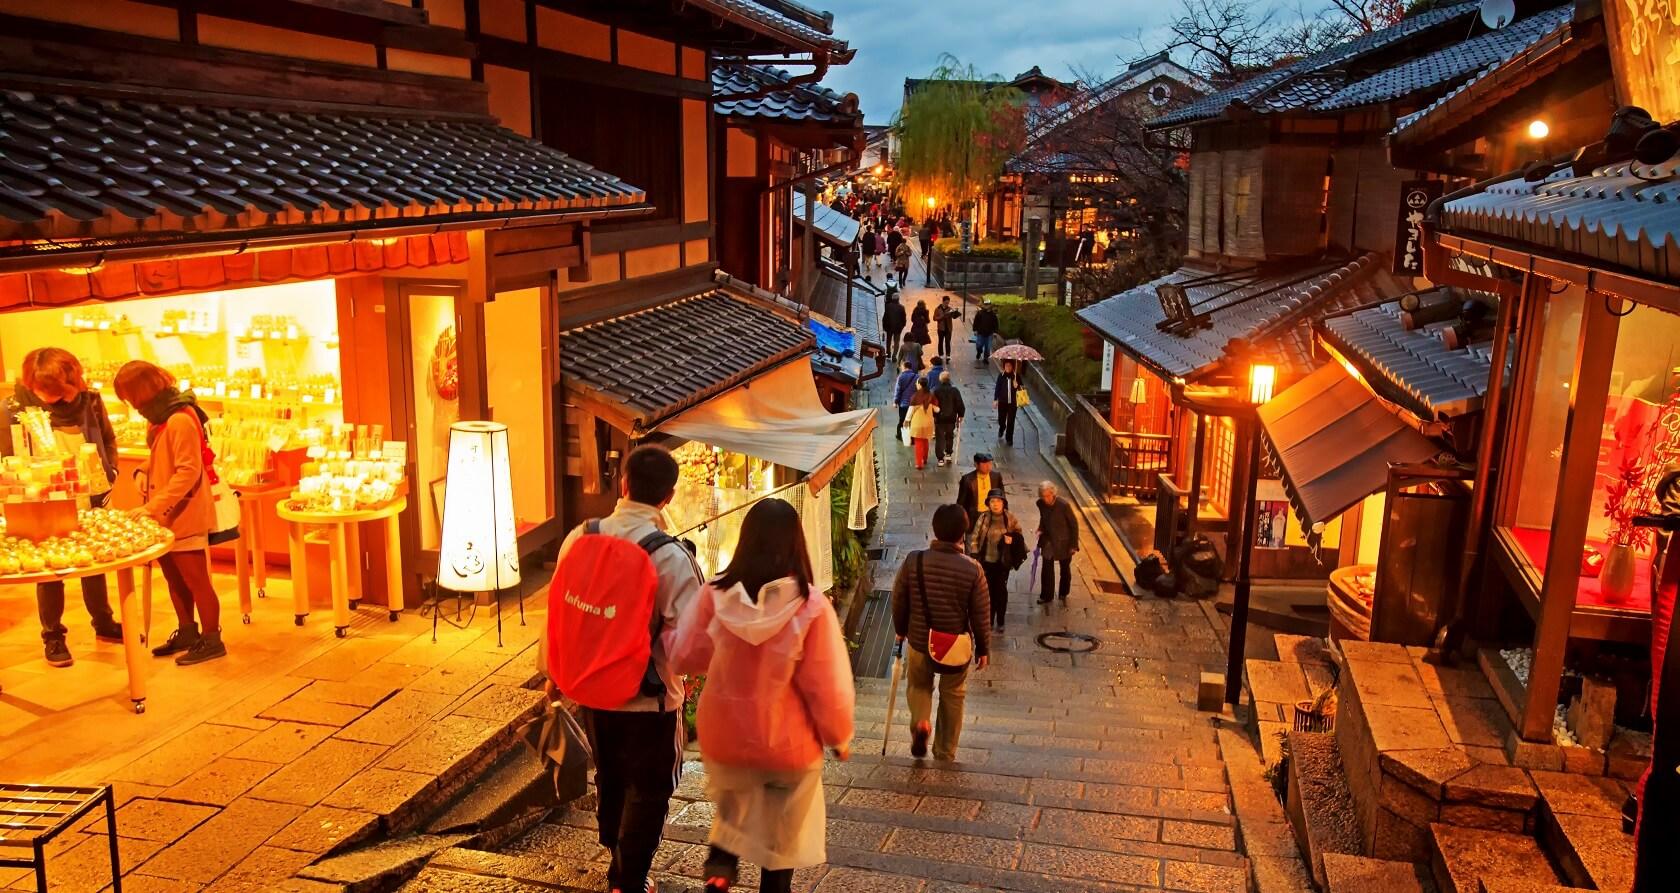 Kyoto's Ninenzaka